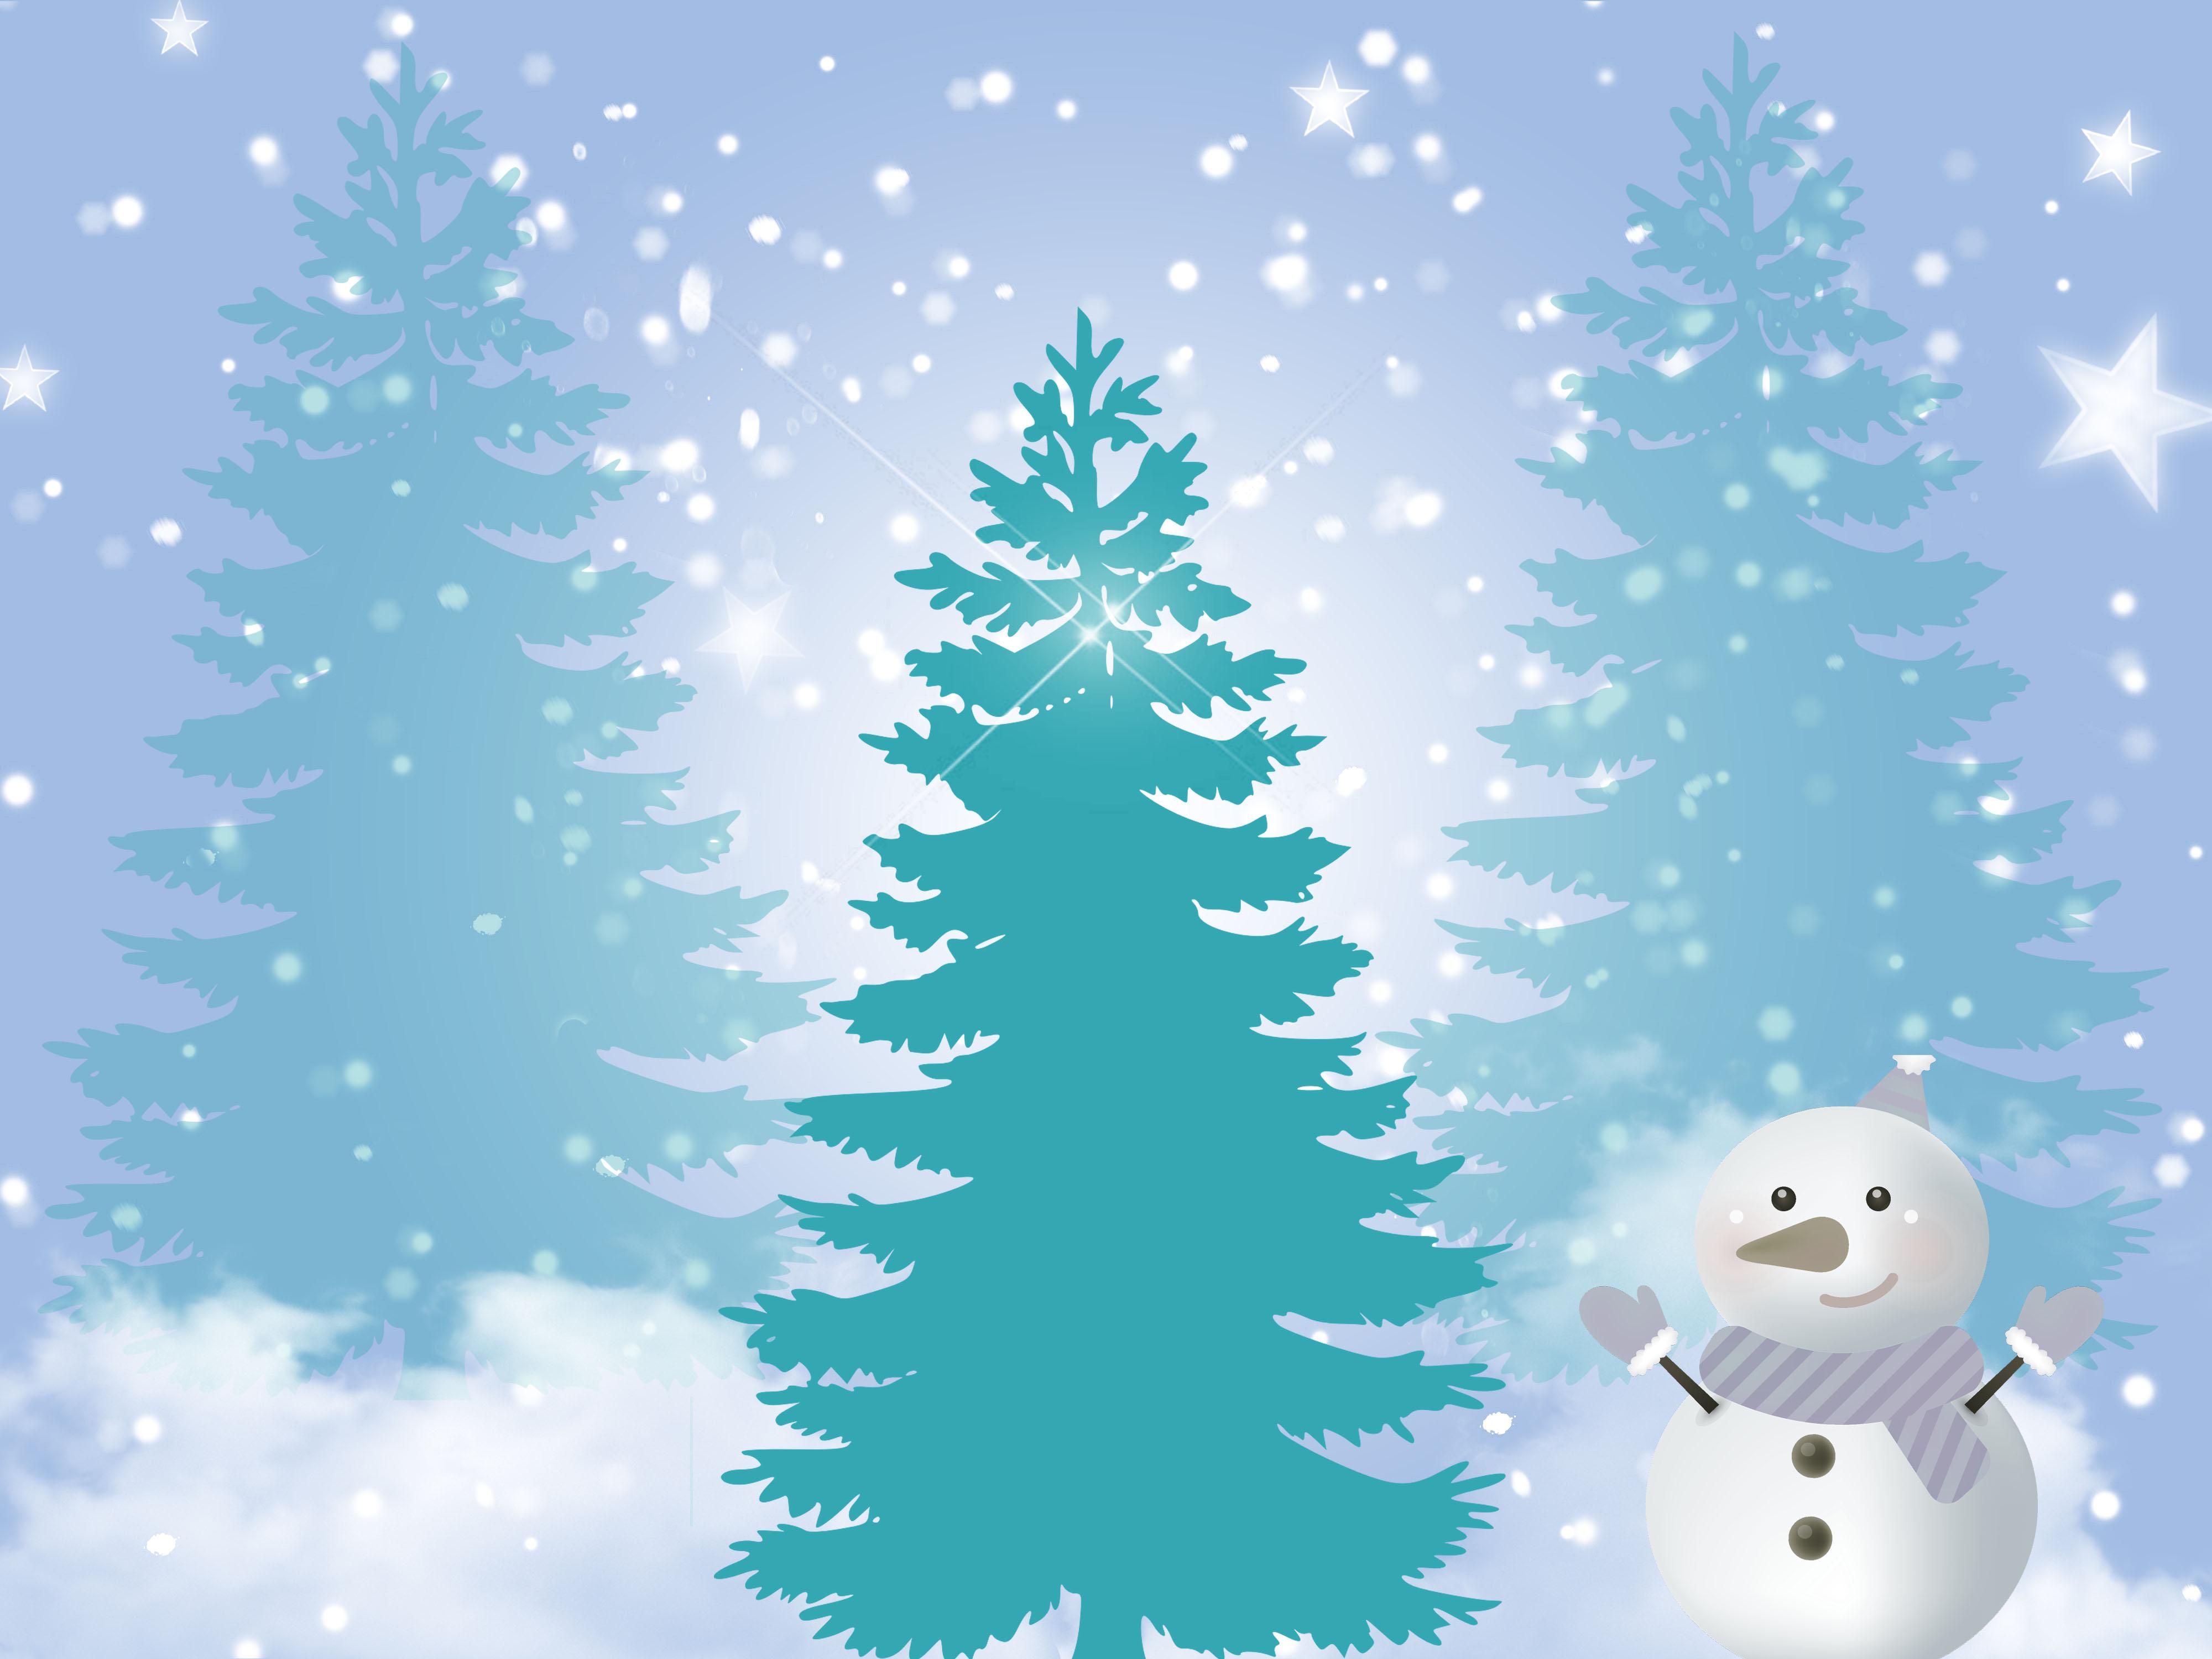 Images Gratuites Arbre De Noel Conception Joyeux Noel Blanc